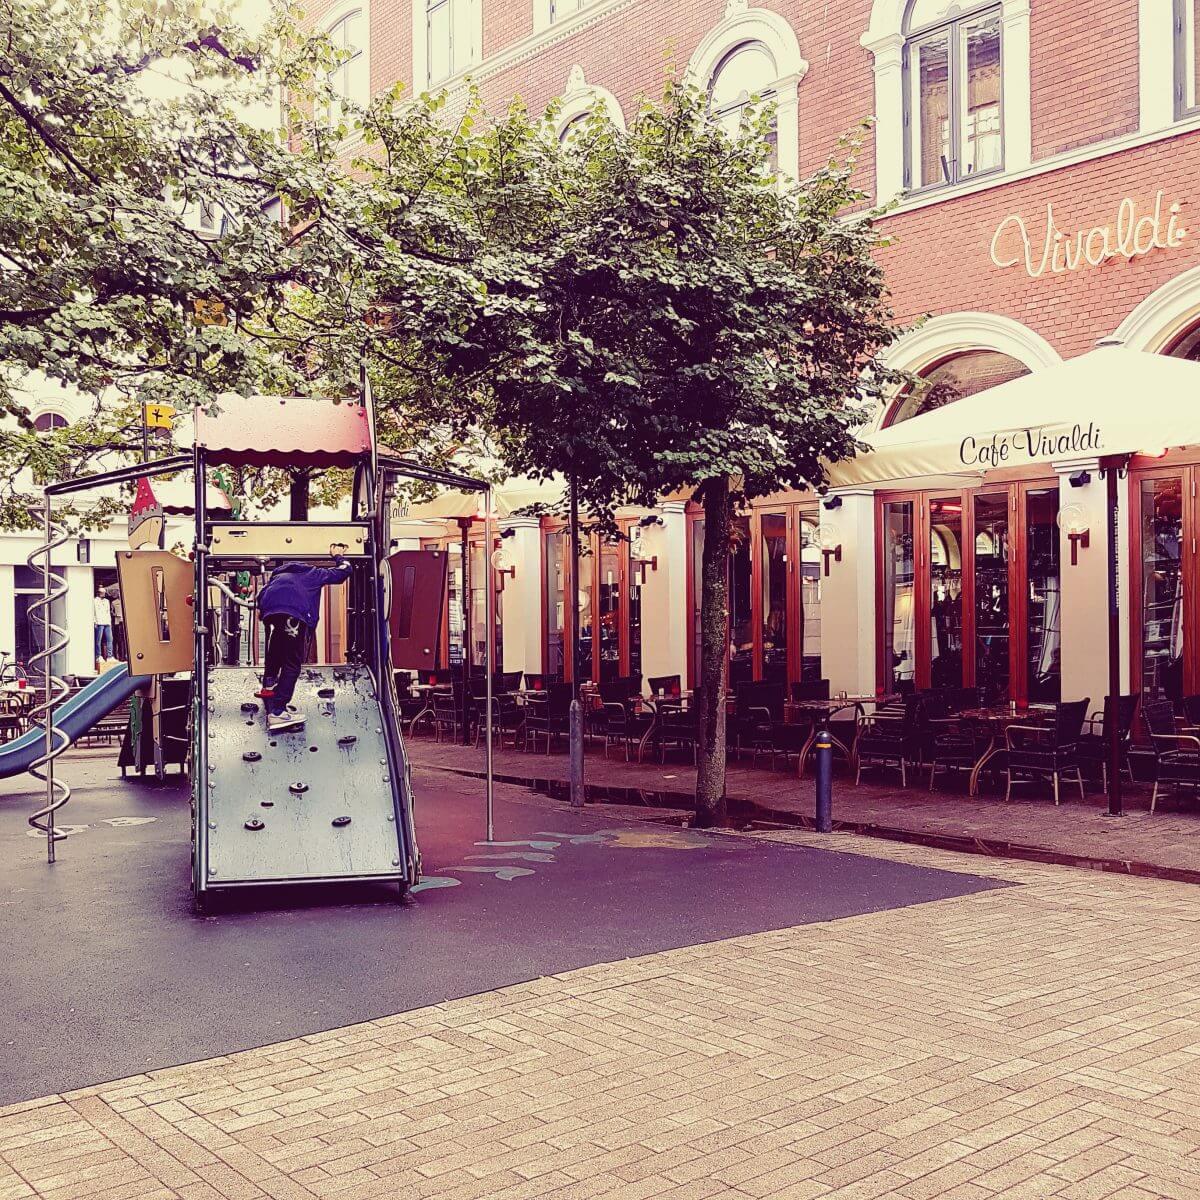 Vakantie met kids: sprookjesachtig Funen in Denemarken - moderne stad Odense met historie van Hans Andersen - Cafe Vivaldi